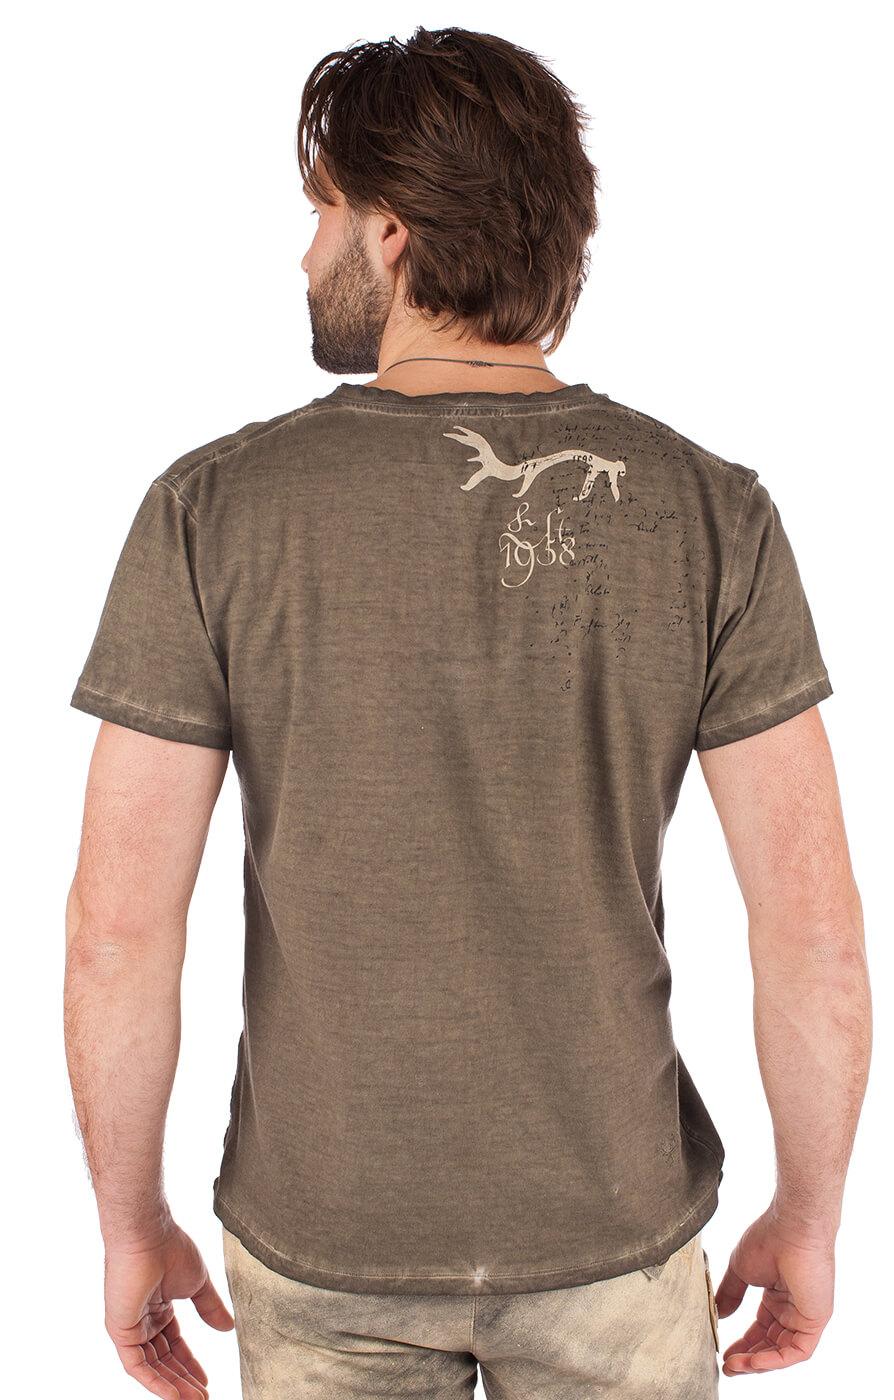 weitere Bilder von Trachten T-Shirt 93210-7 braun